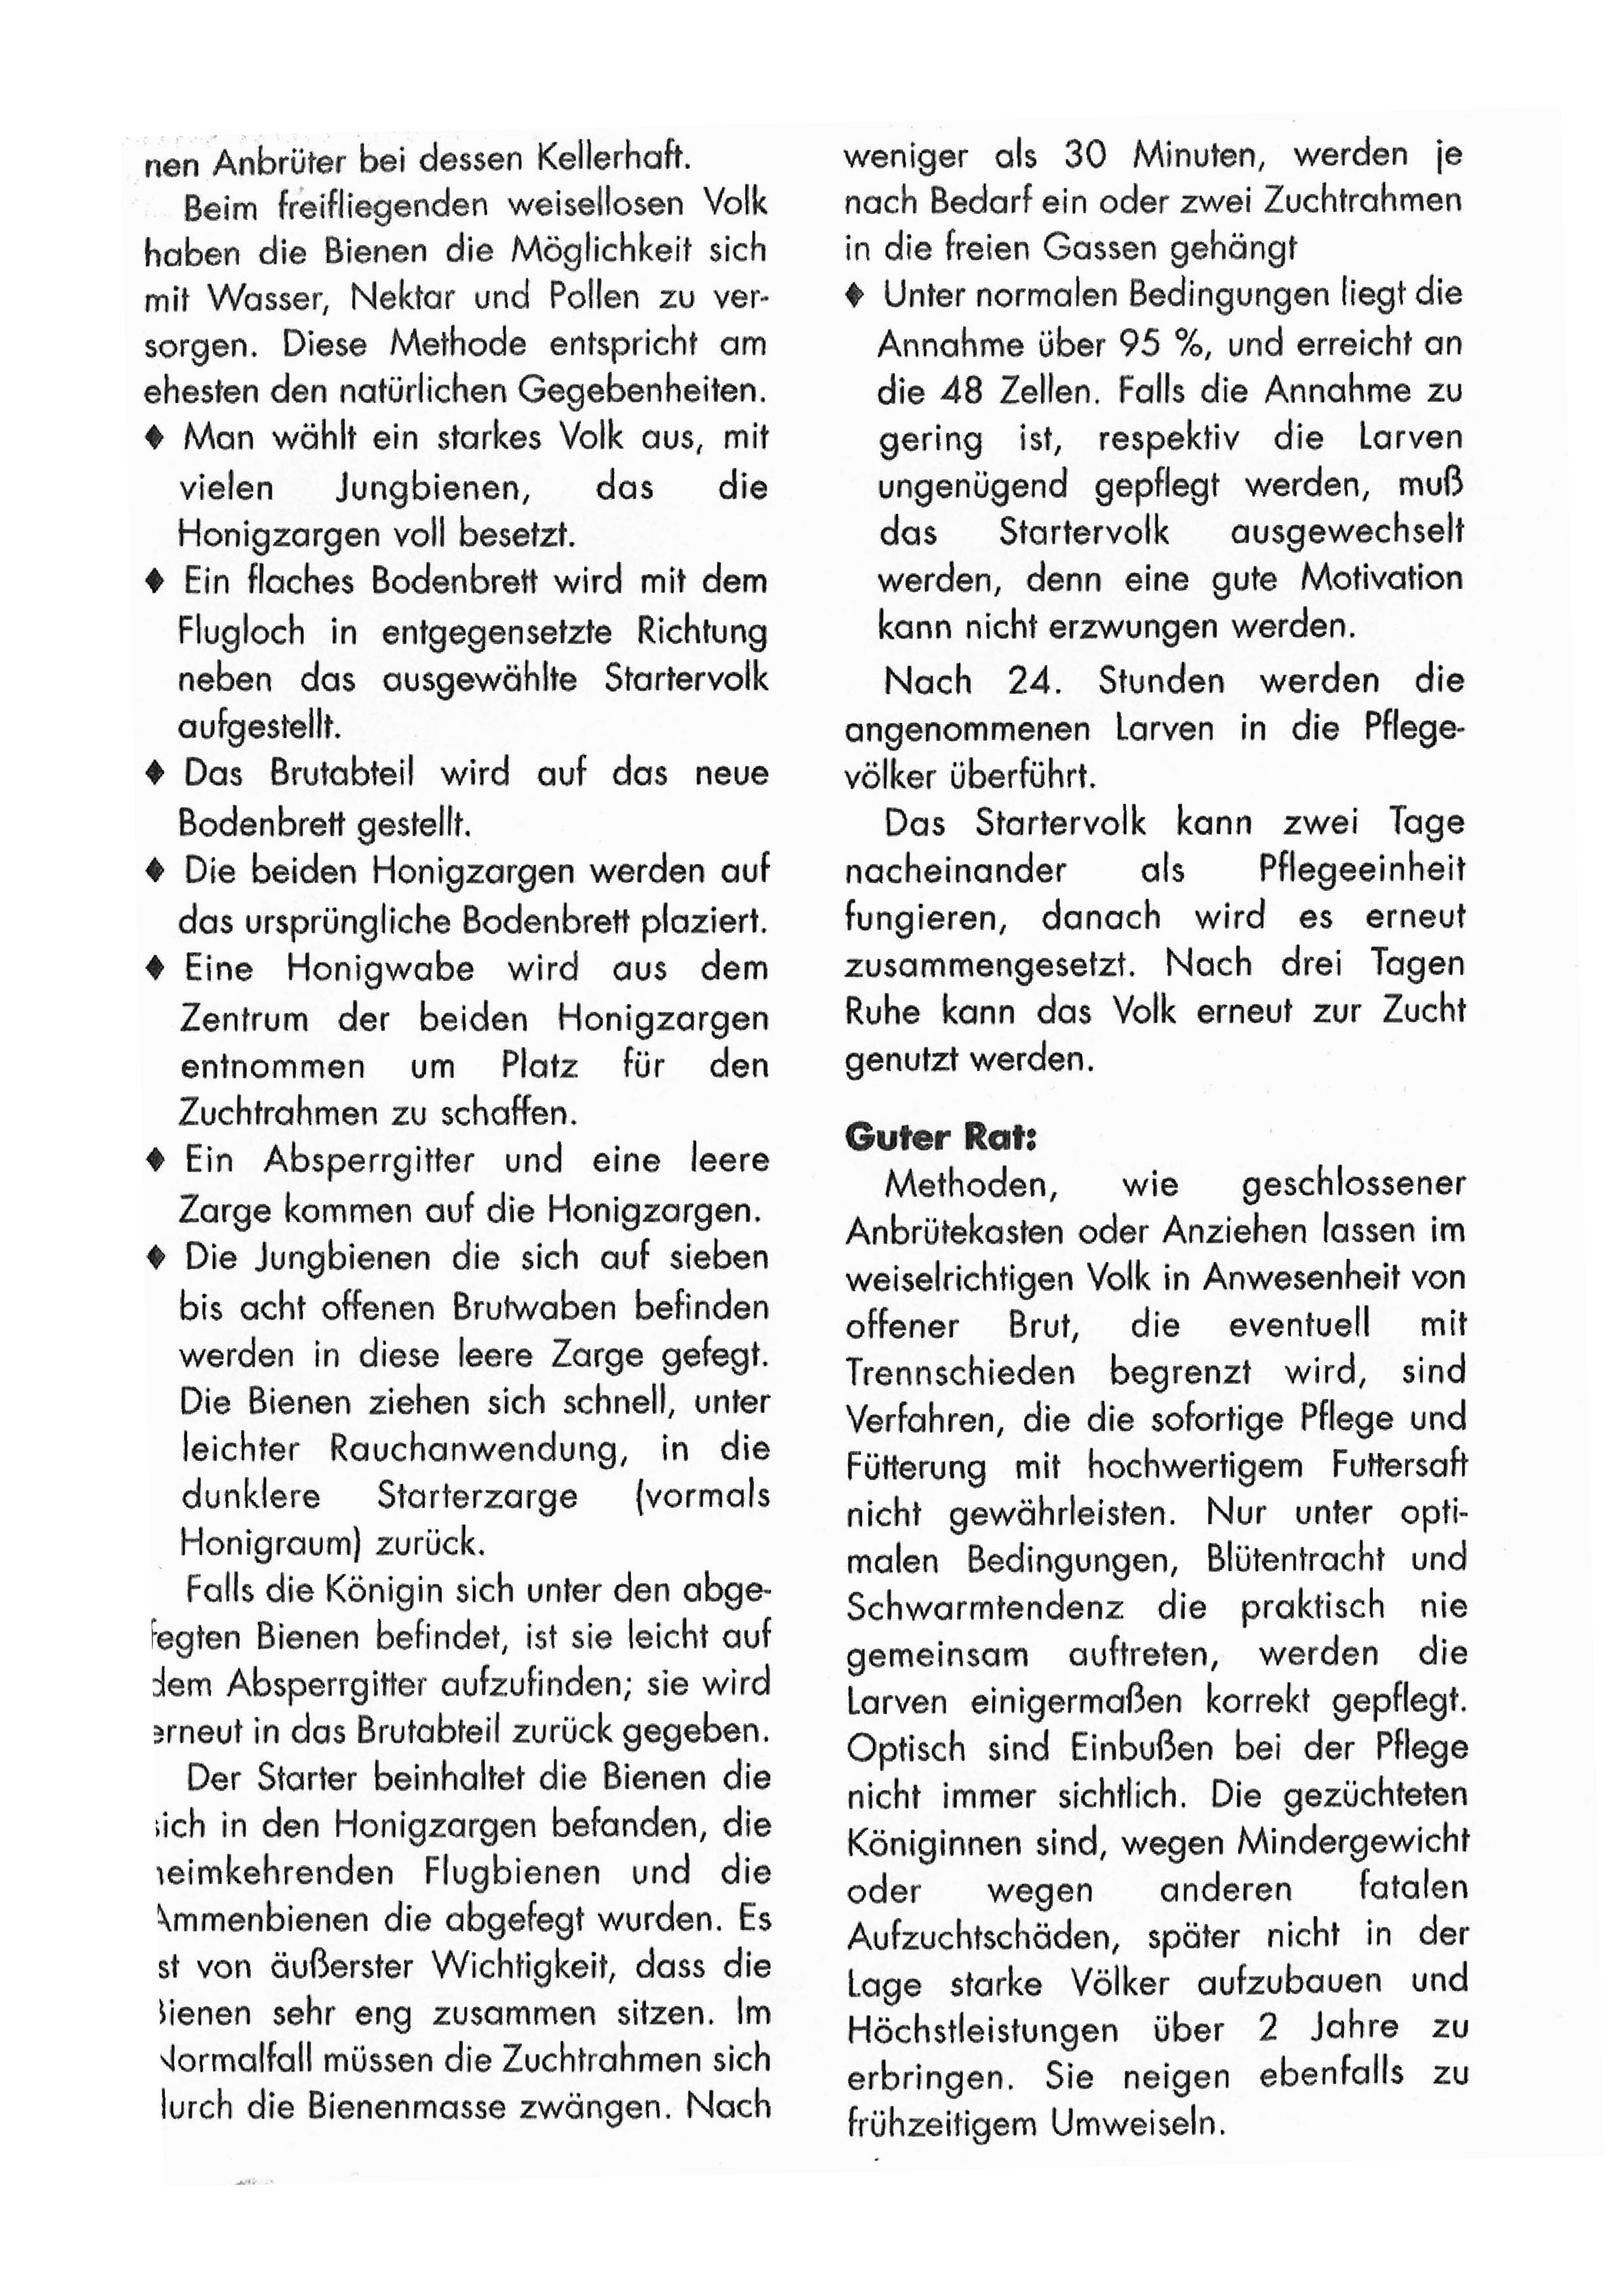 Lb_Beien-Zeitung_M_00005